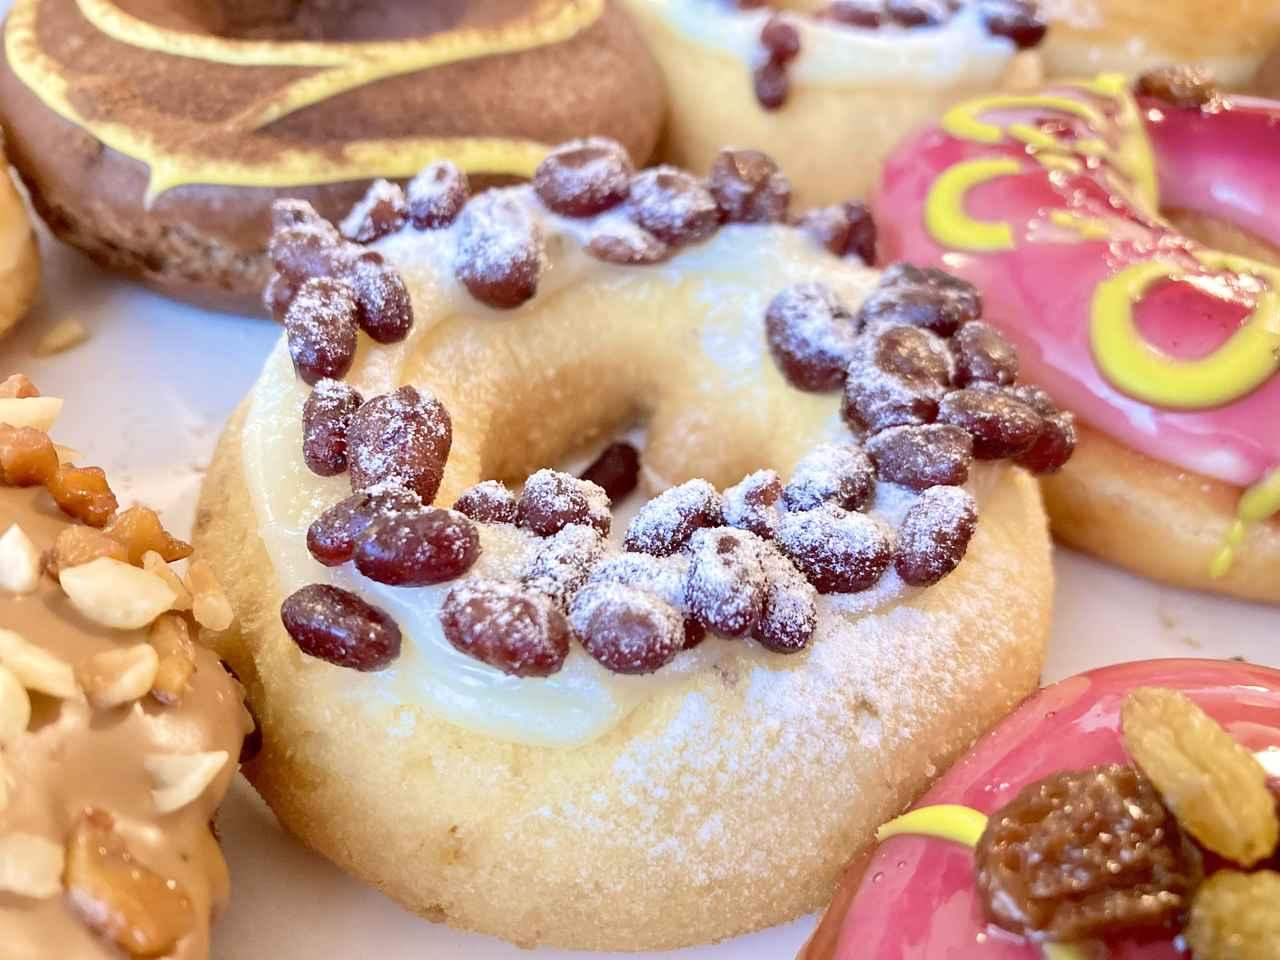 画像2: 【試食レポ】今年の秋は、4つの味と4つの食感!クリスピー・クリーム・ドーナツの新作4種を食べ比べ♡♡♡